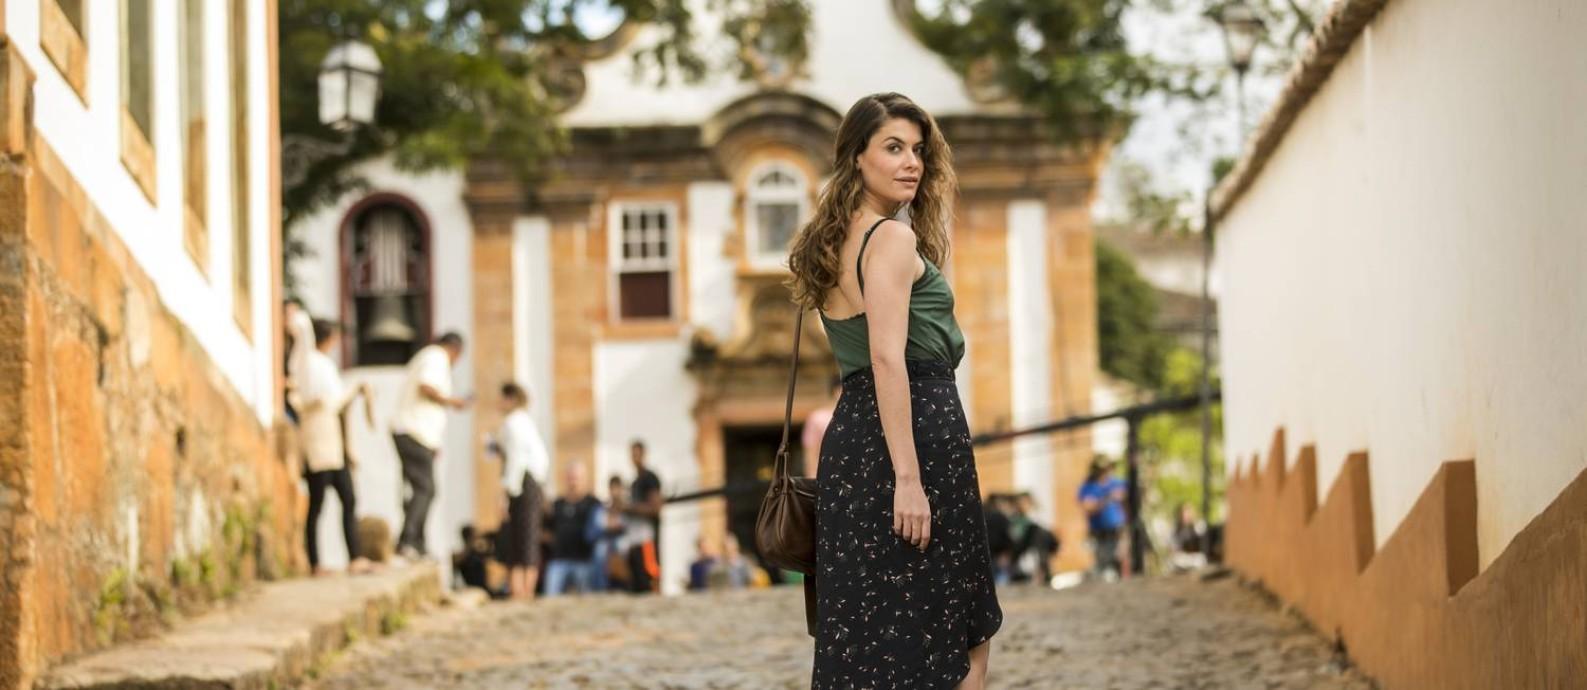 """Alinne Moraes vive Isabel em """"Espelho da vida"""", que estreia em setembro Foto: Divulgação/TV Globo/João Miguel Junior"""